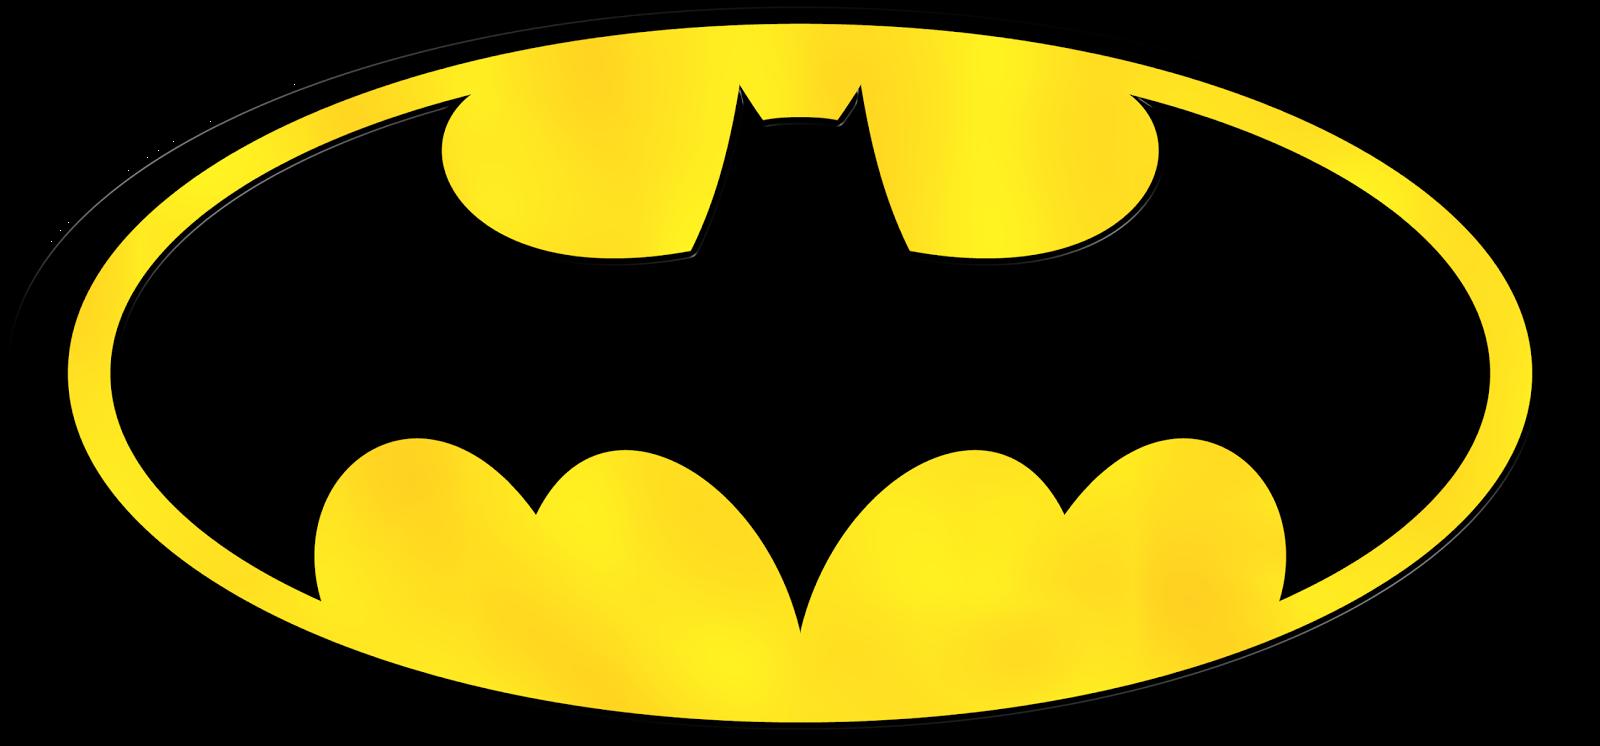 Batman clipart batman sign. Clip art de pinterest